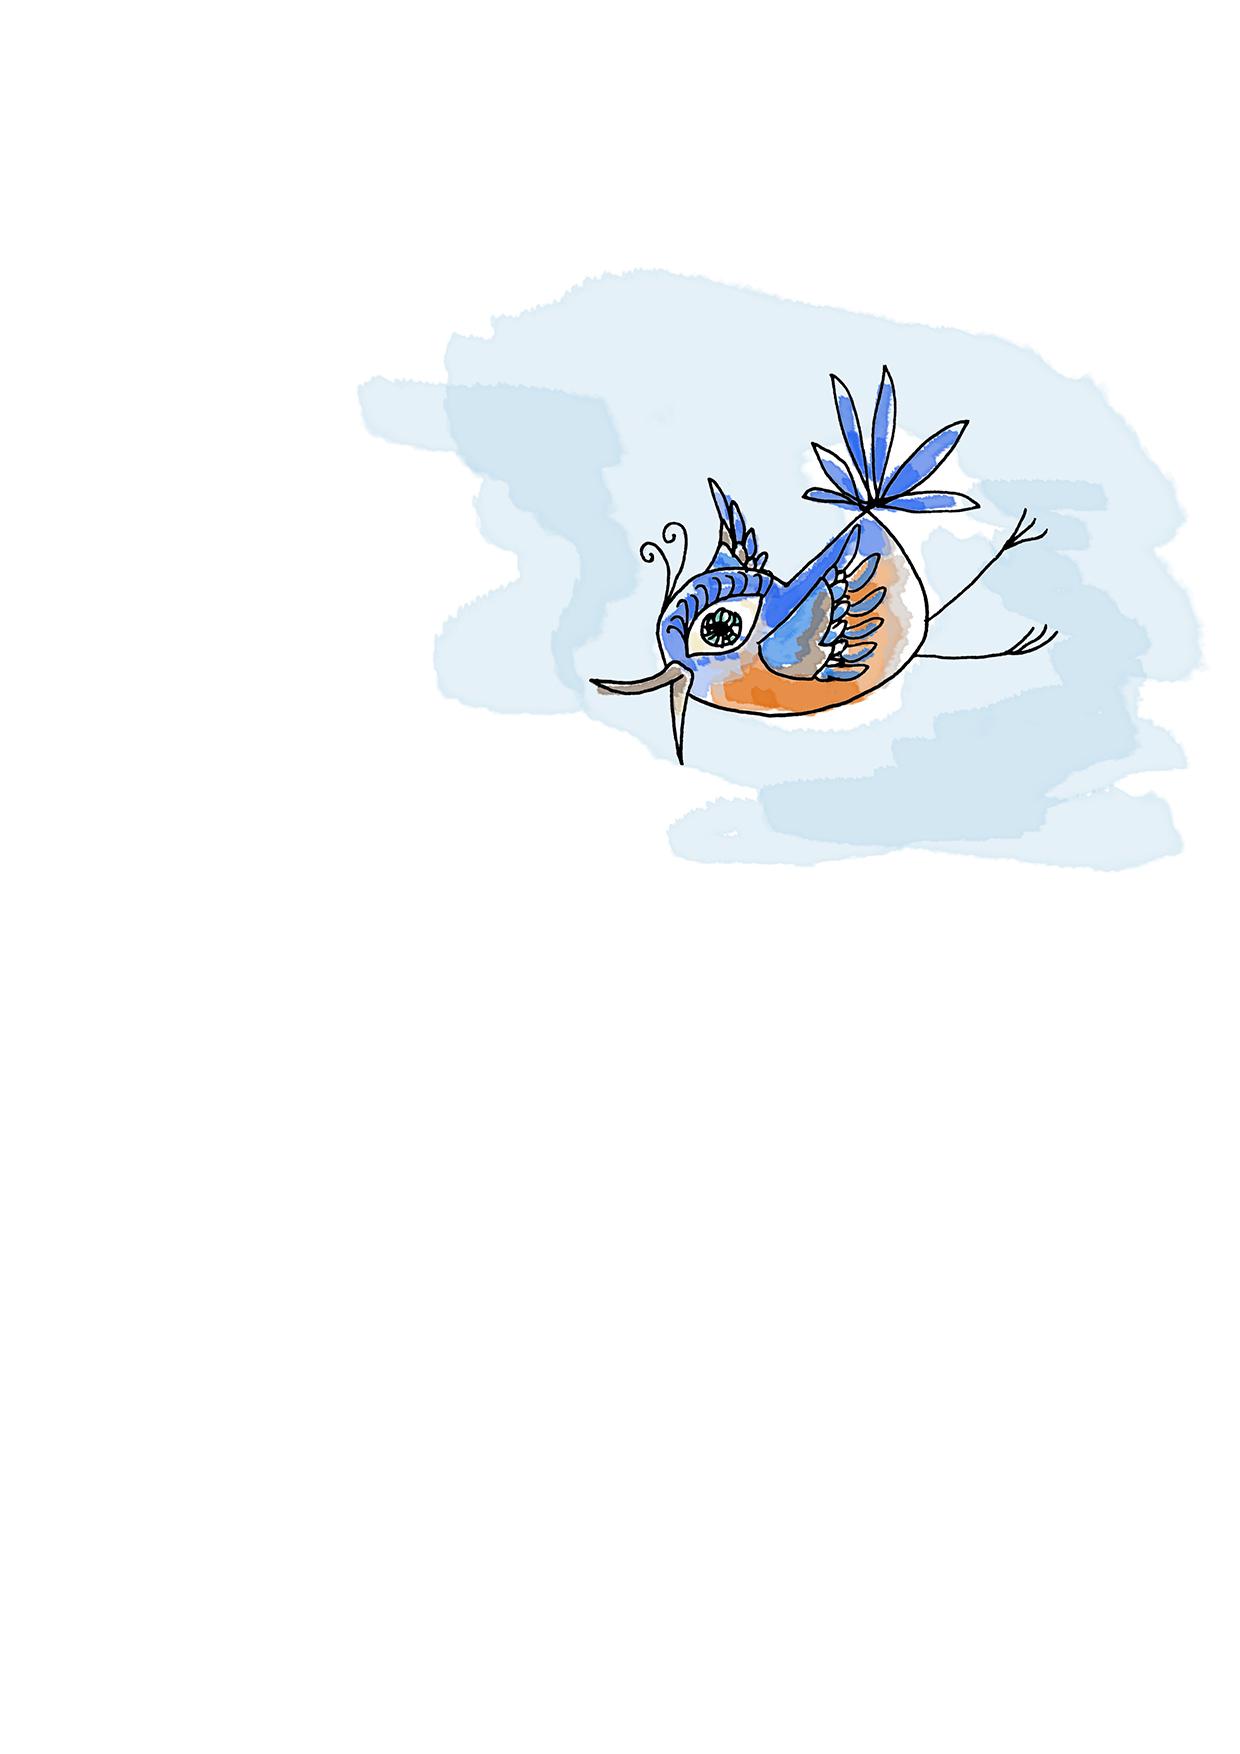 Hüttensänger/Bluebird